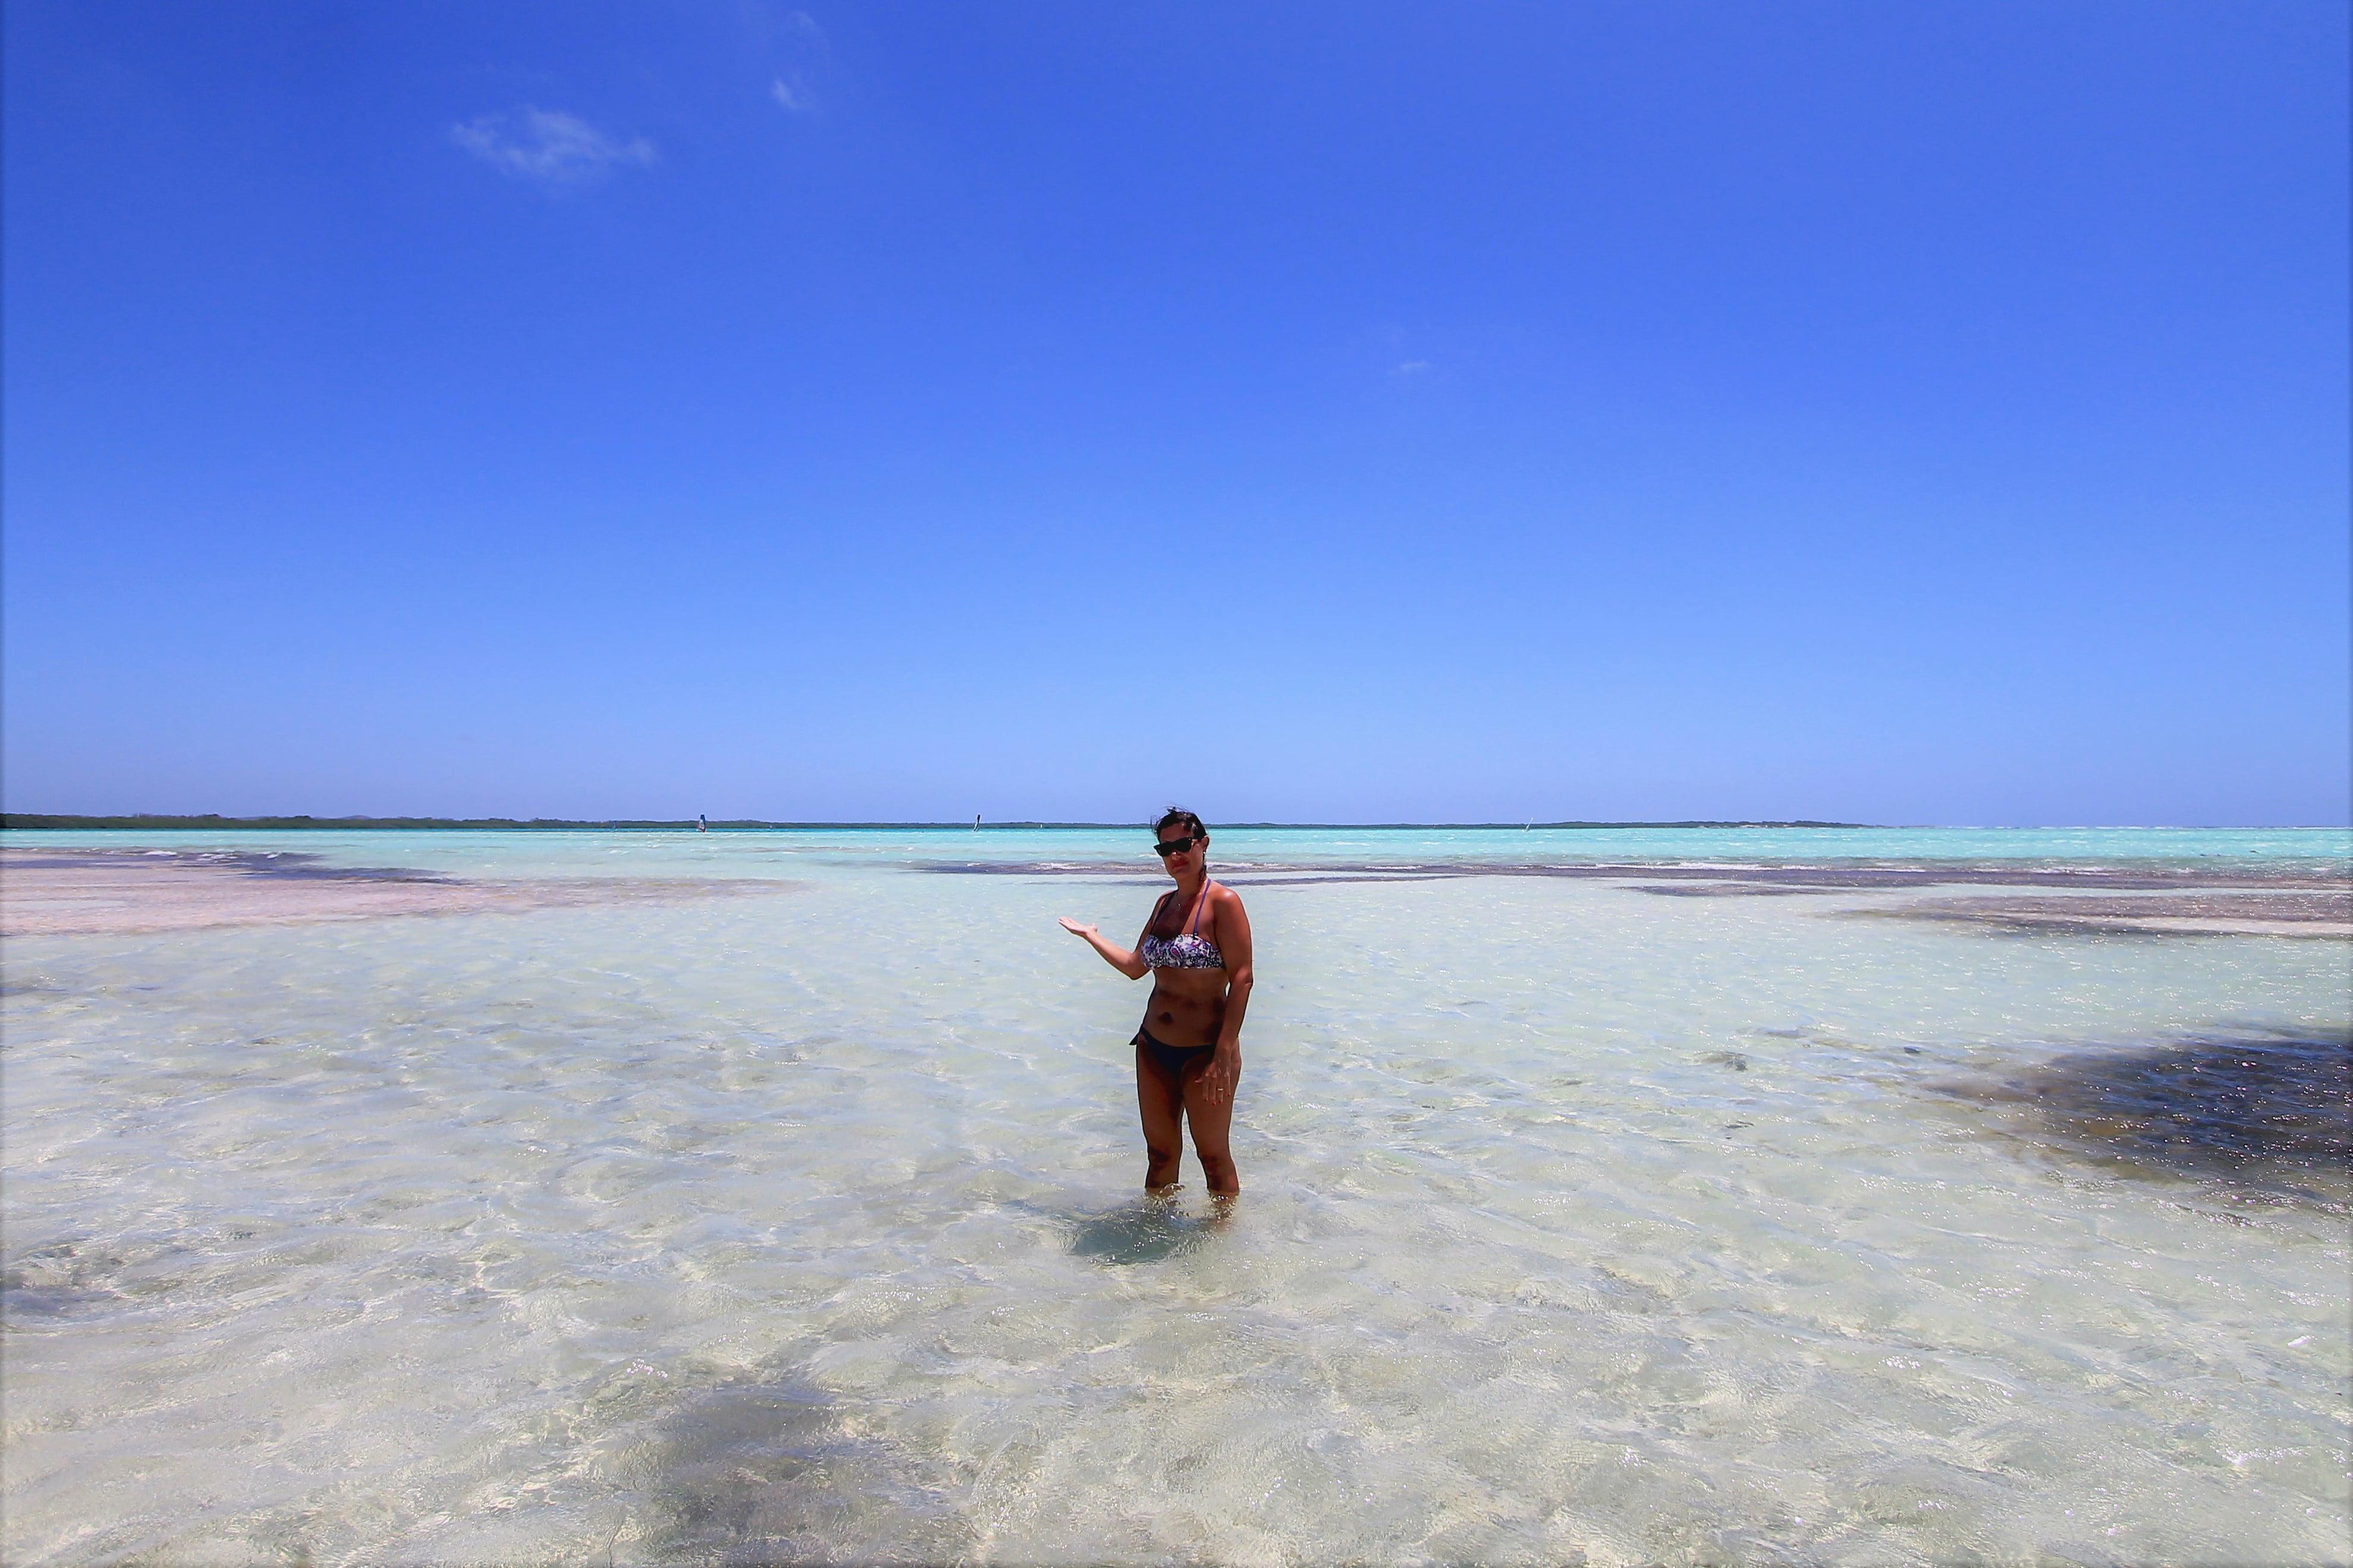 spiaggia di Sorobon beach Bonaire, crociera antille Olandesi